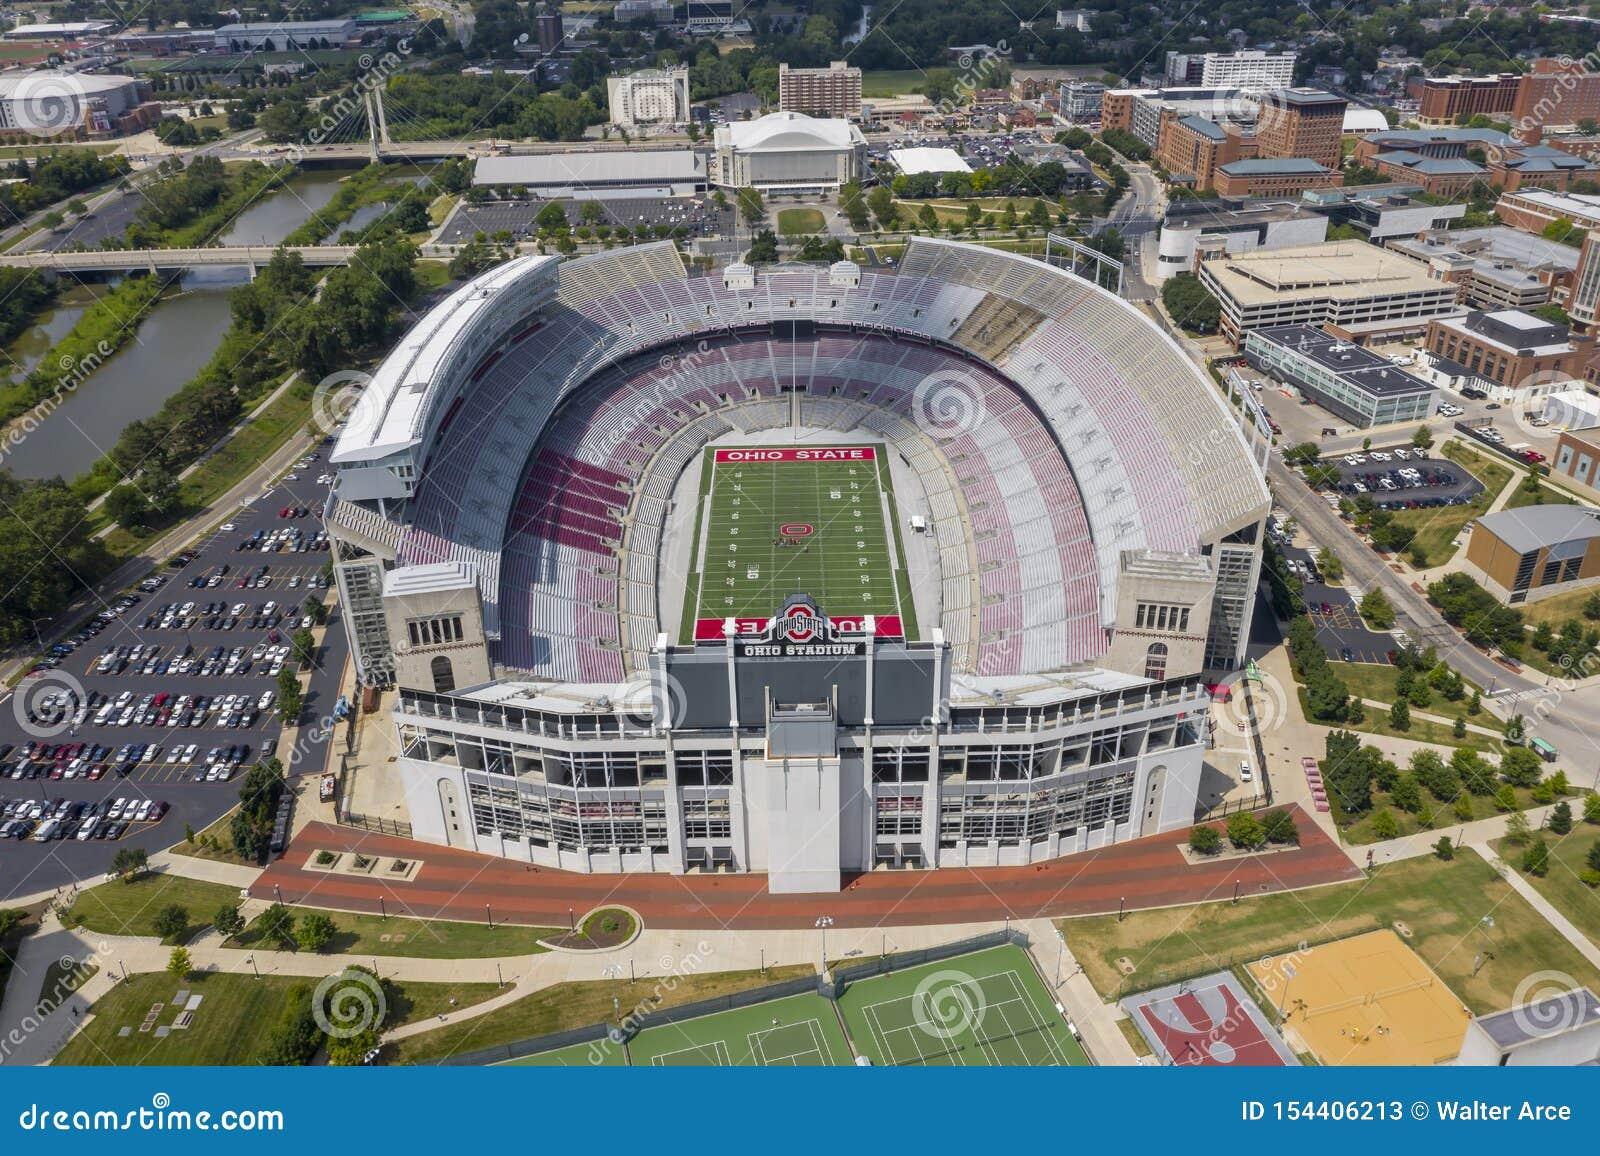 Aerial Views Of Ohio Stadium On The Campus Of Ohio State ...